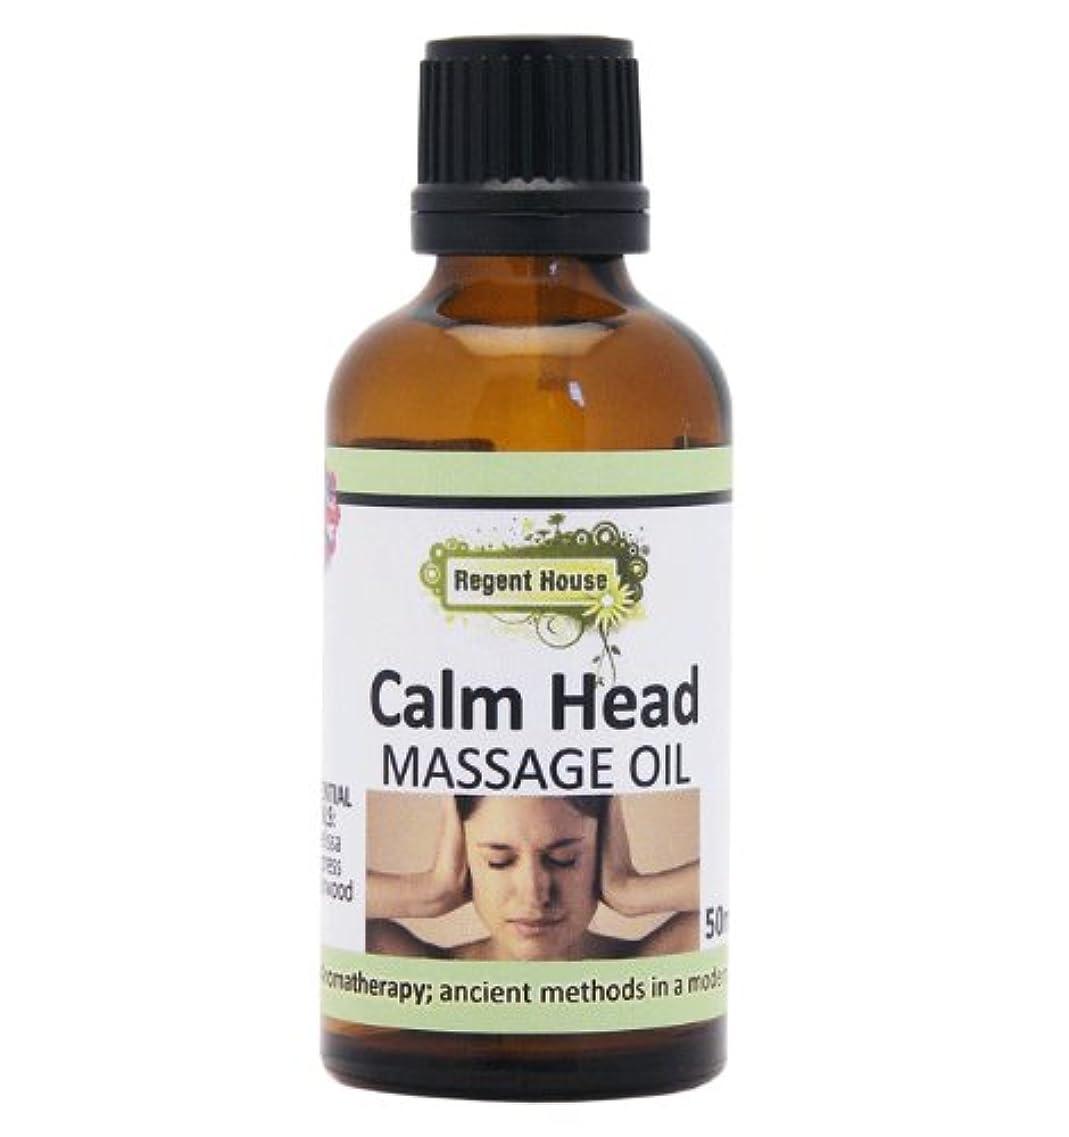 幻滅ボウリングトーク天然の精油がたっぷり入って、この値段。 アロマ ナチュラル マッサージオイル 50ml カームヘッド(Aroma Massage Oil Calm Head)